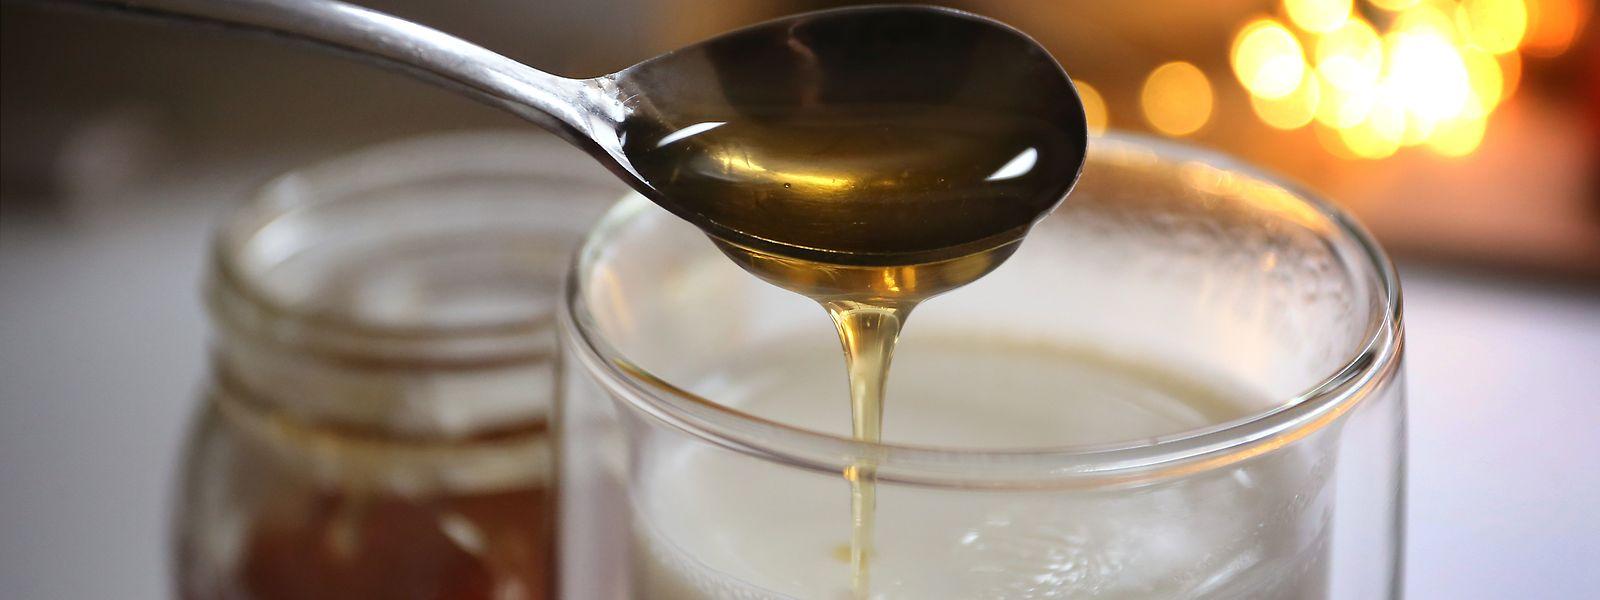 Honig und heiße Milch gegen Halsschmerzen: Altbewährte Hausmittel sind immer noch beliebt. Jeder Zweite greift regelmäßig darauf zurück.